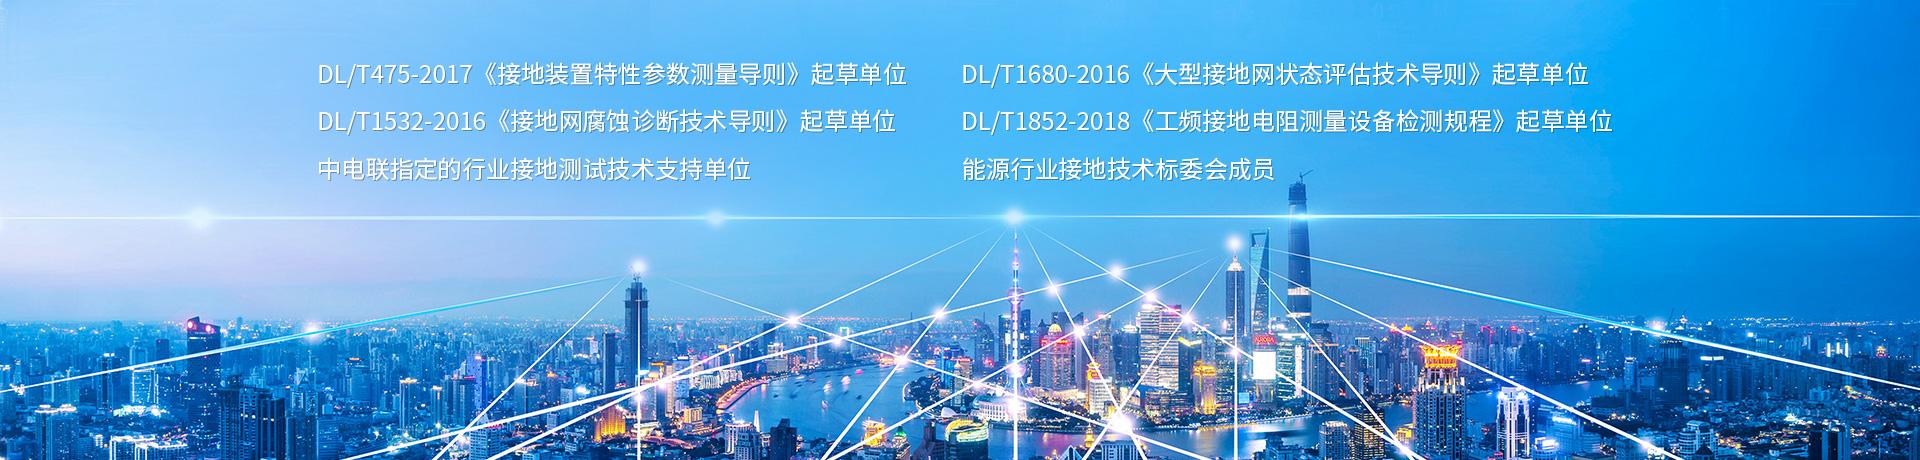 上海大帆電氣設備有限公司